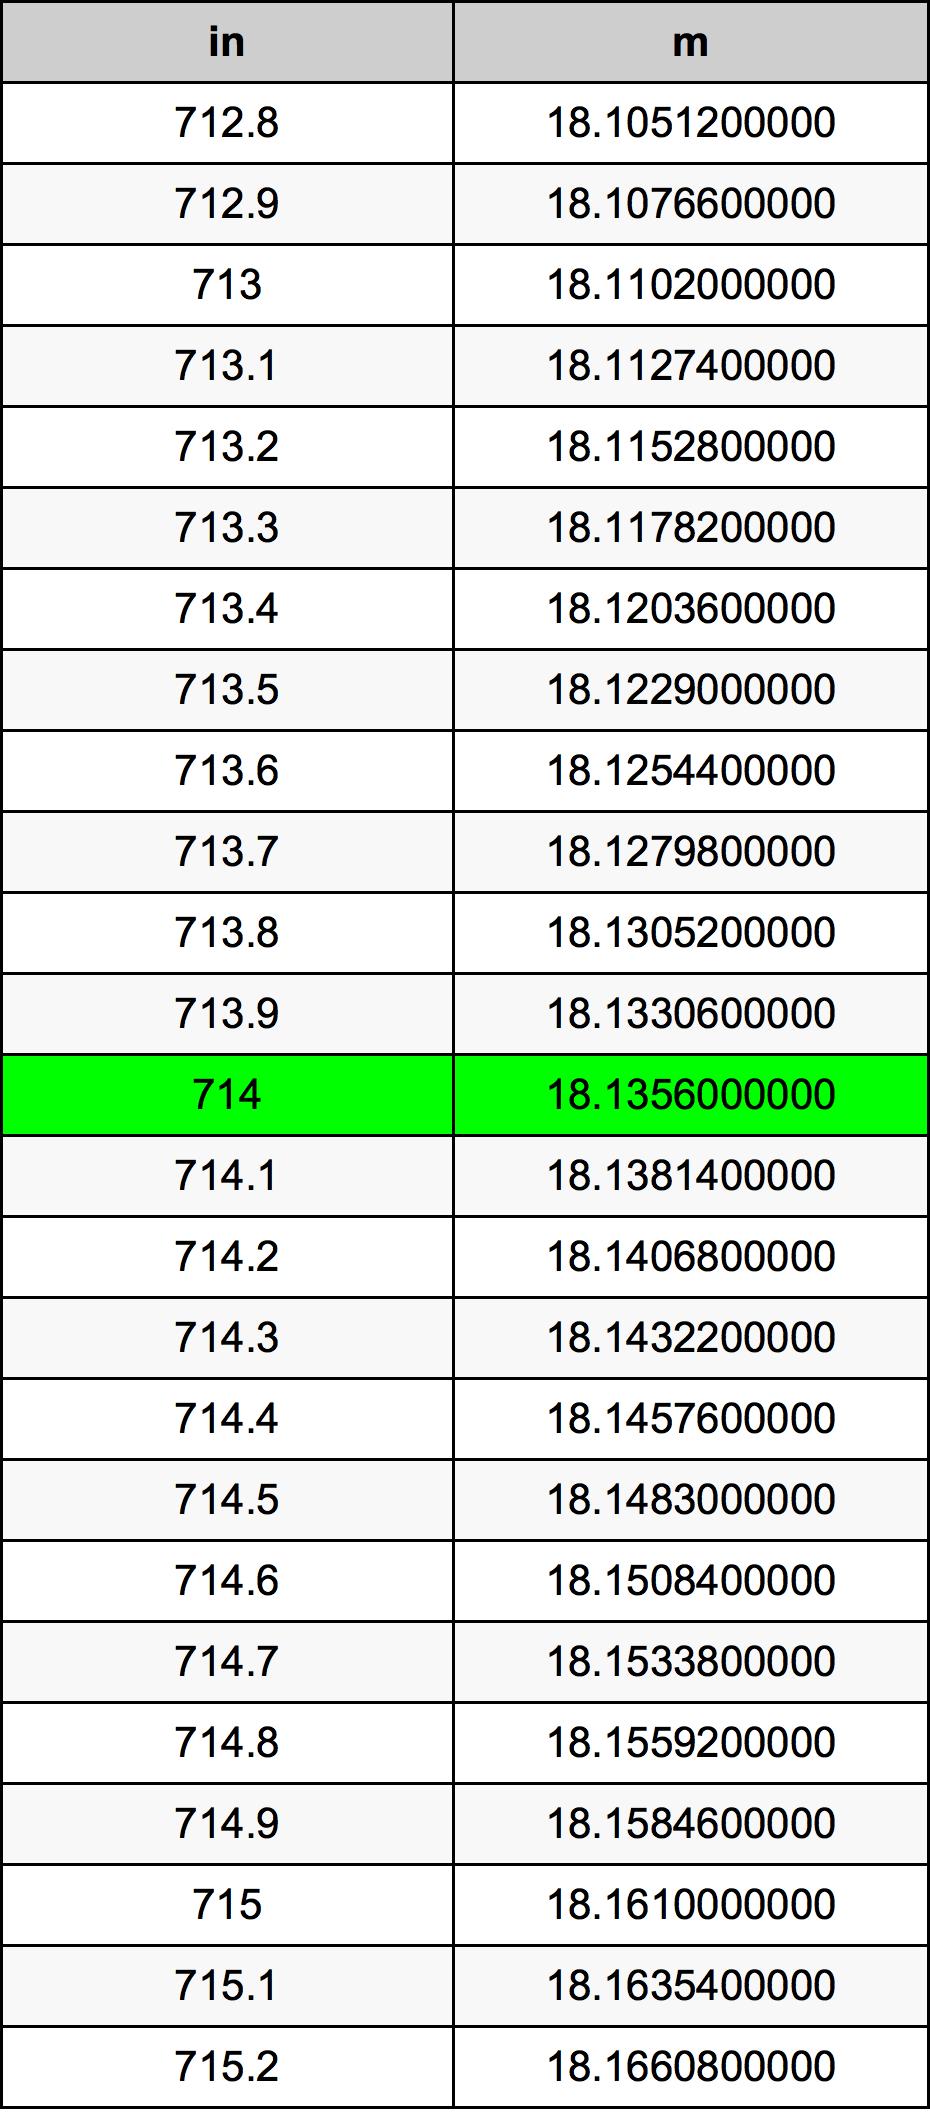 714 Tomme konverteringstabellen